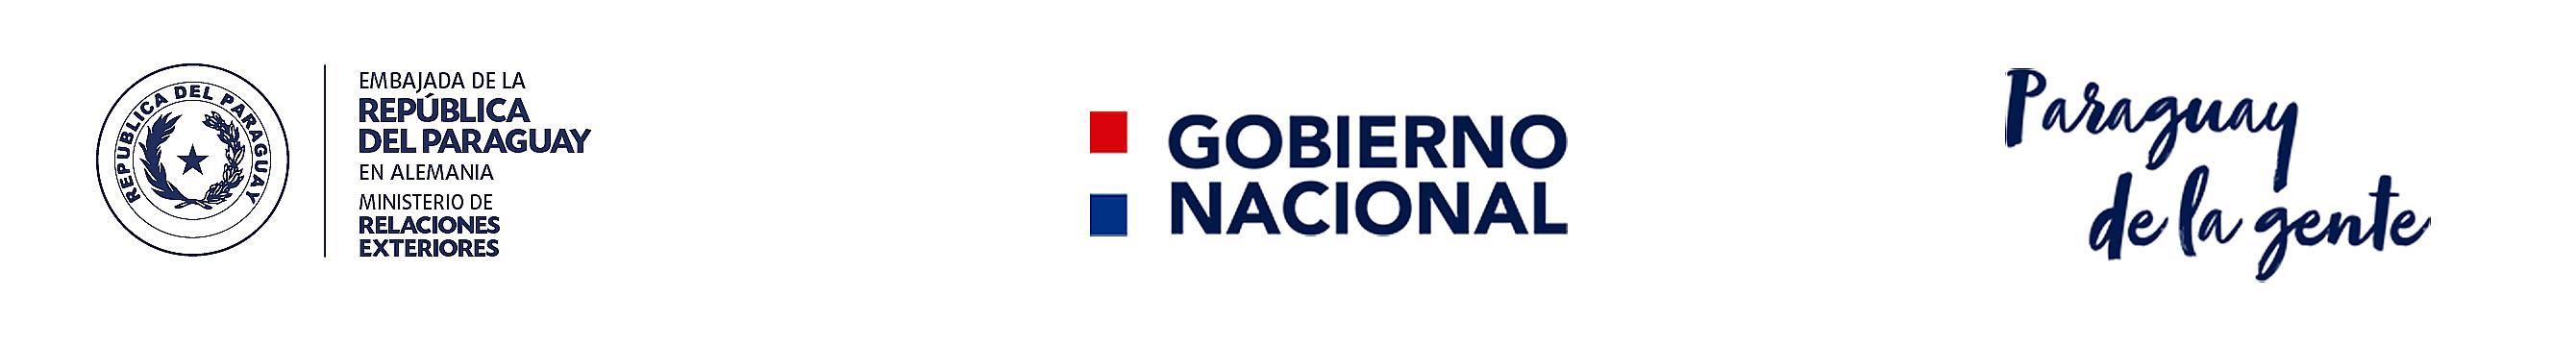 Embajada de la República de Paraguay en Alemania